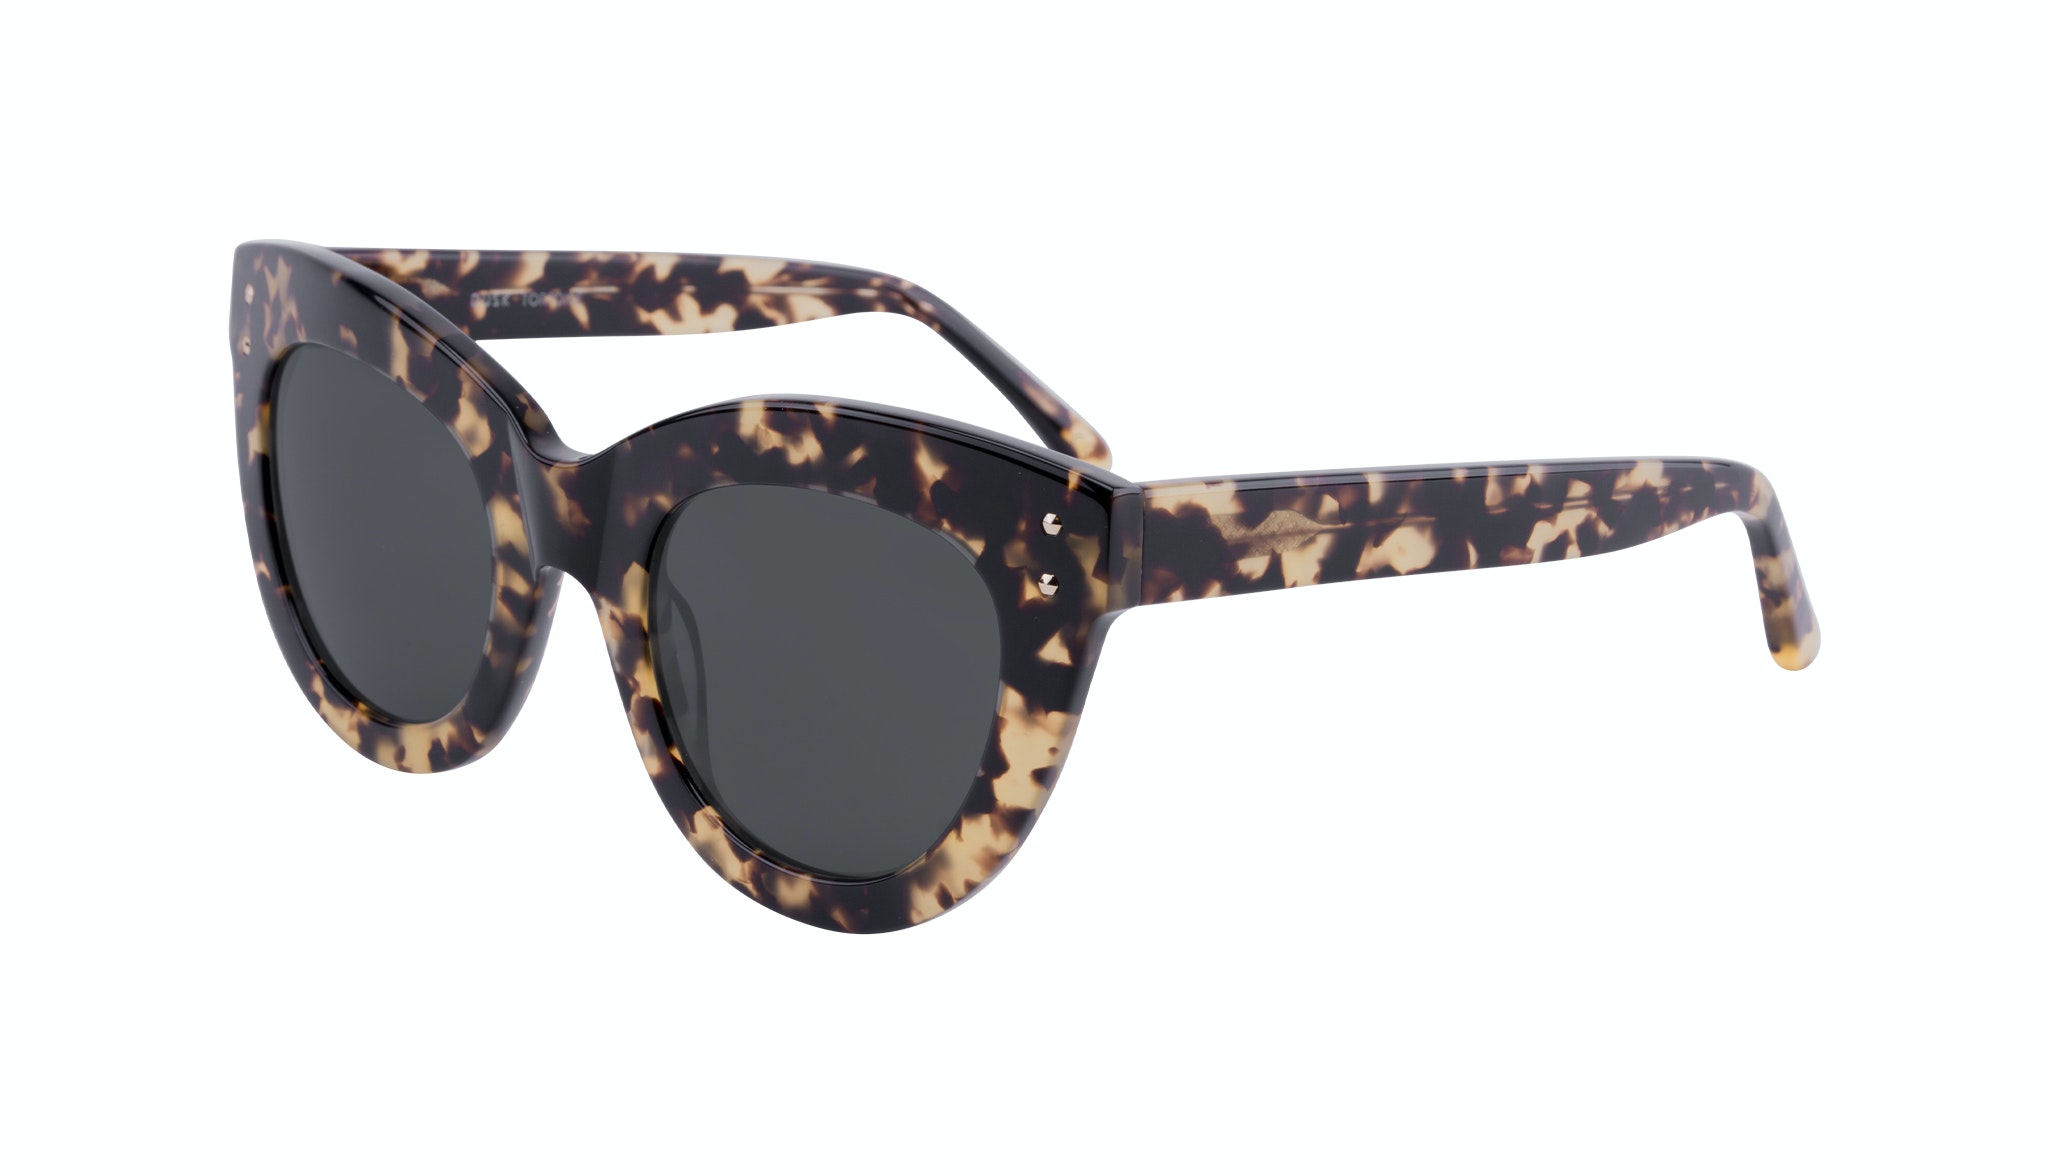 Affordable Fashion Glasses Cat Eye Sunglasses Women Dusk Tortoise Tilt